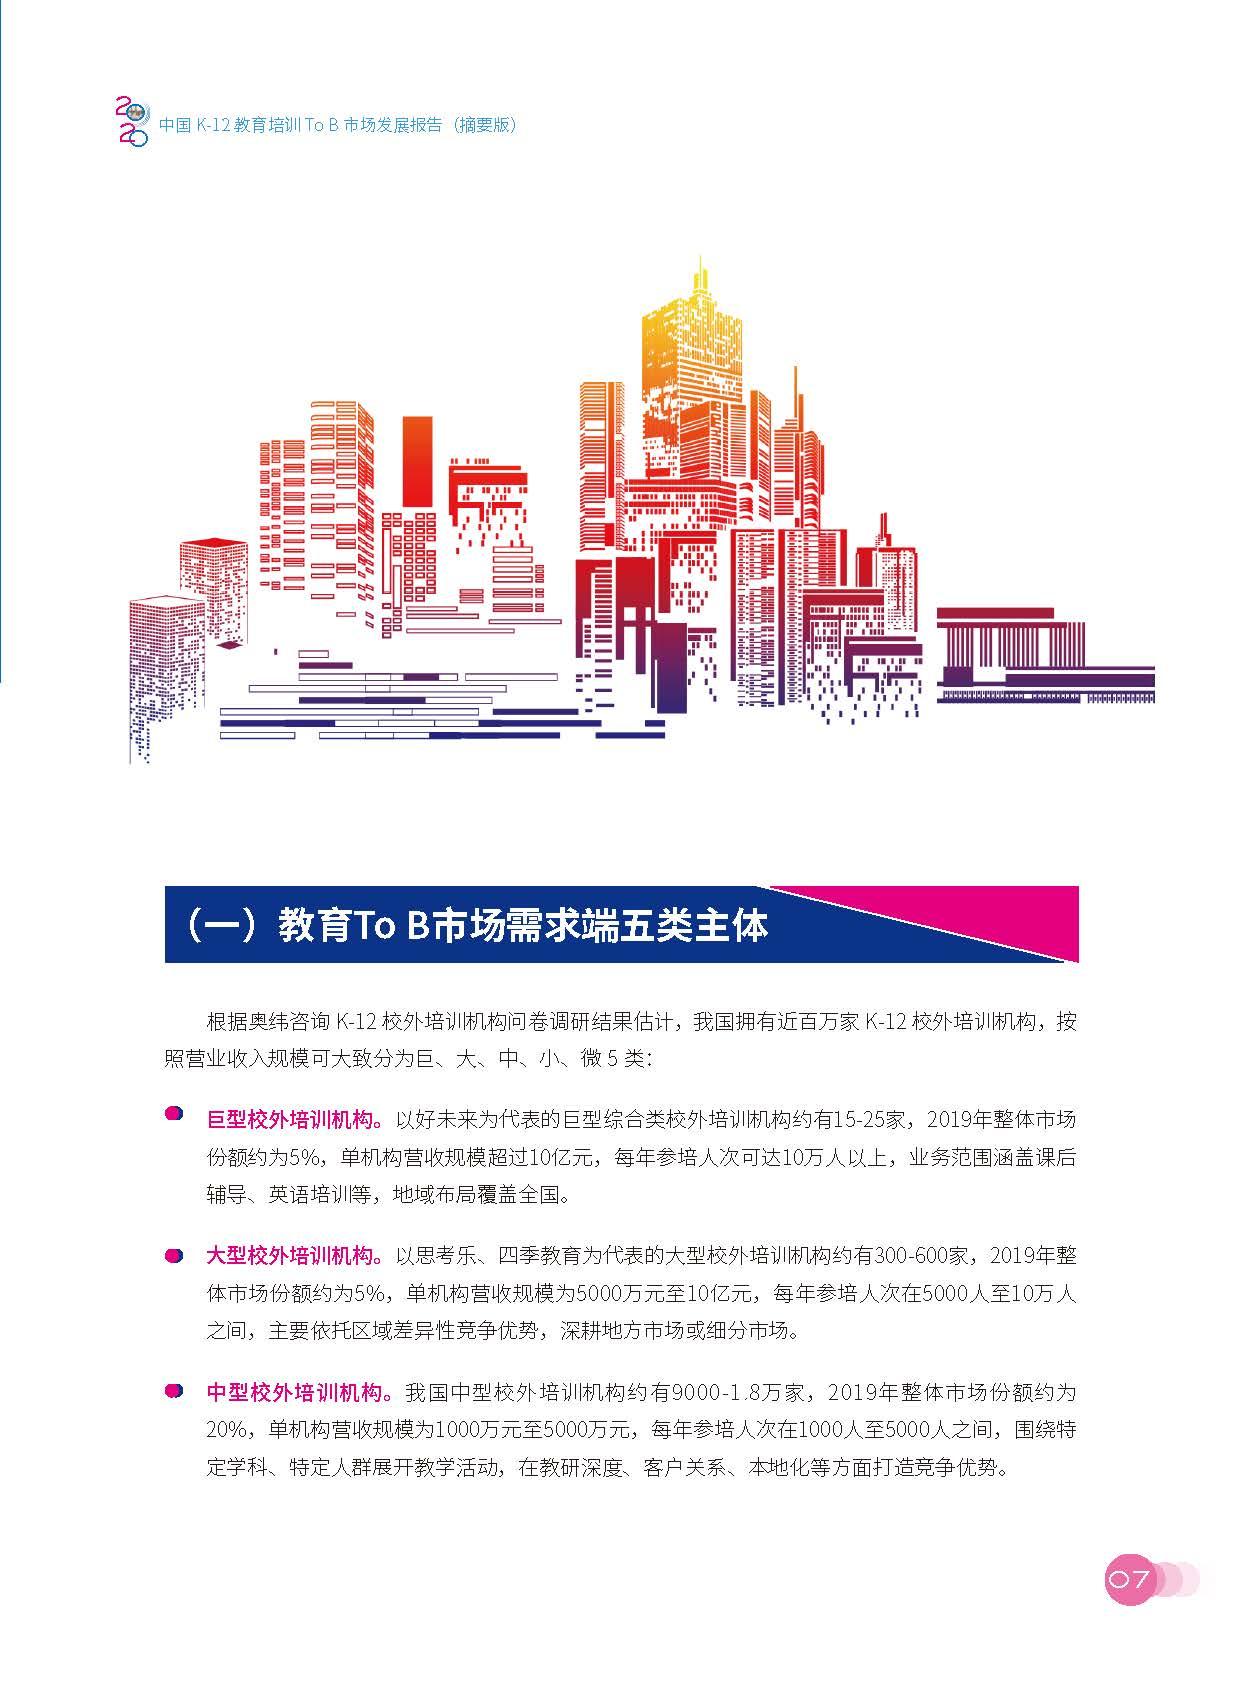 中国教育科学研究院:2020中国K~12教育培训To B市场发展报告(56页)_页面_10.jpg